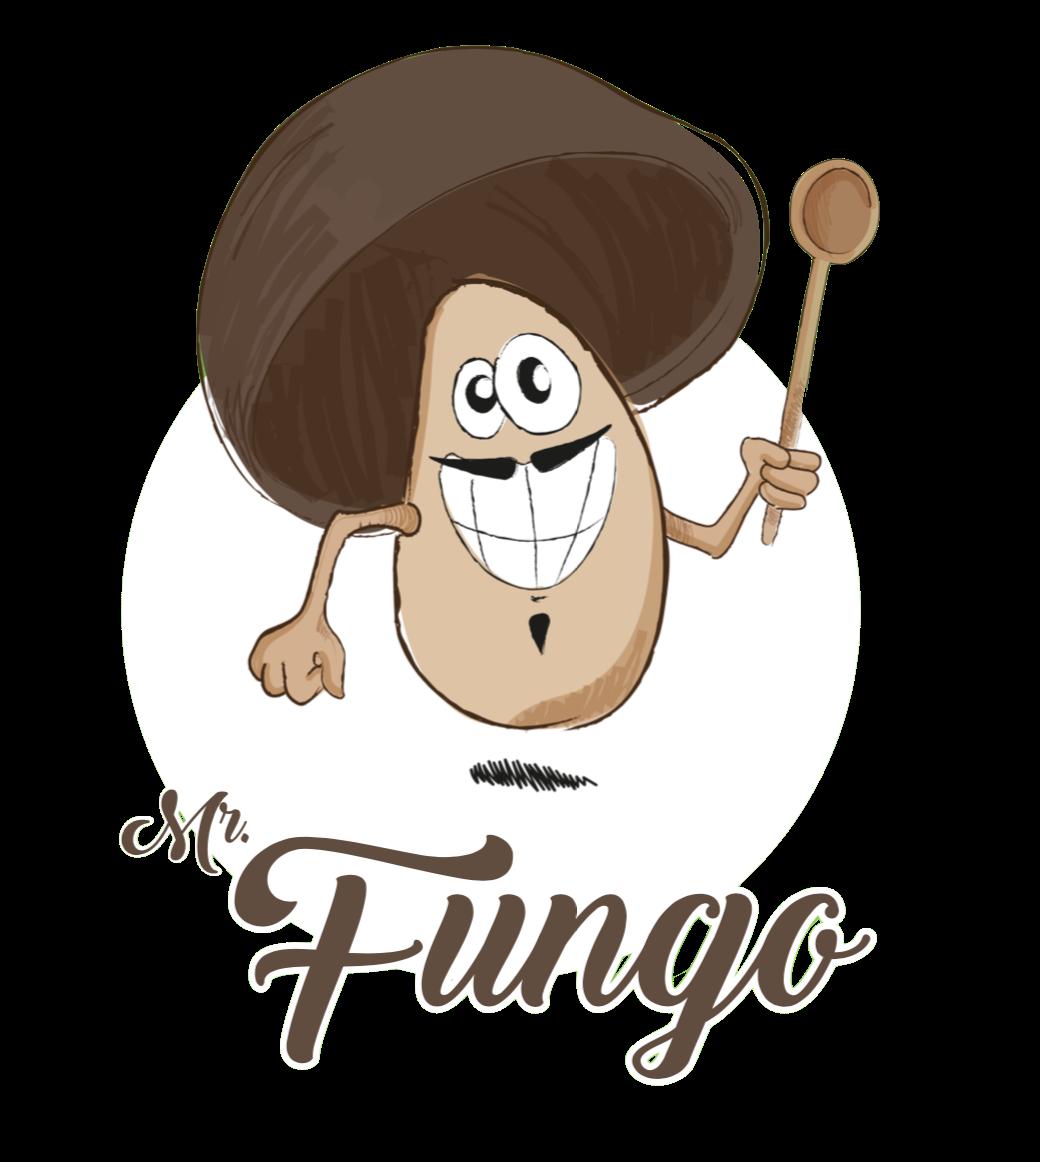 Mr fungo